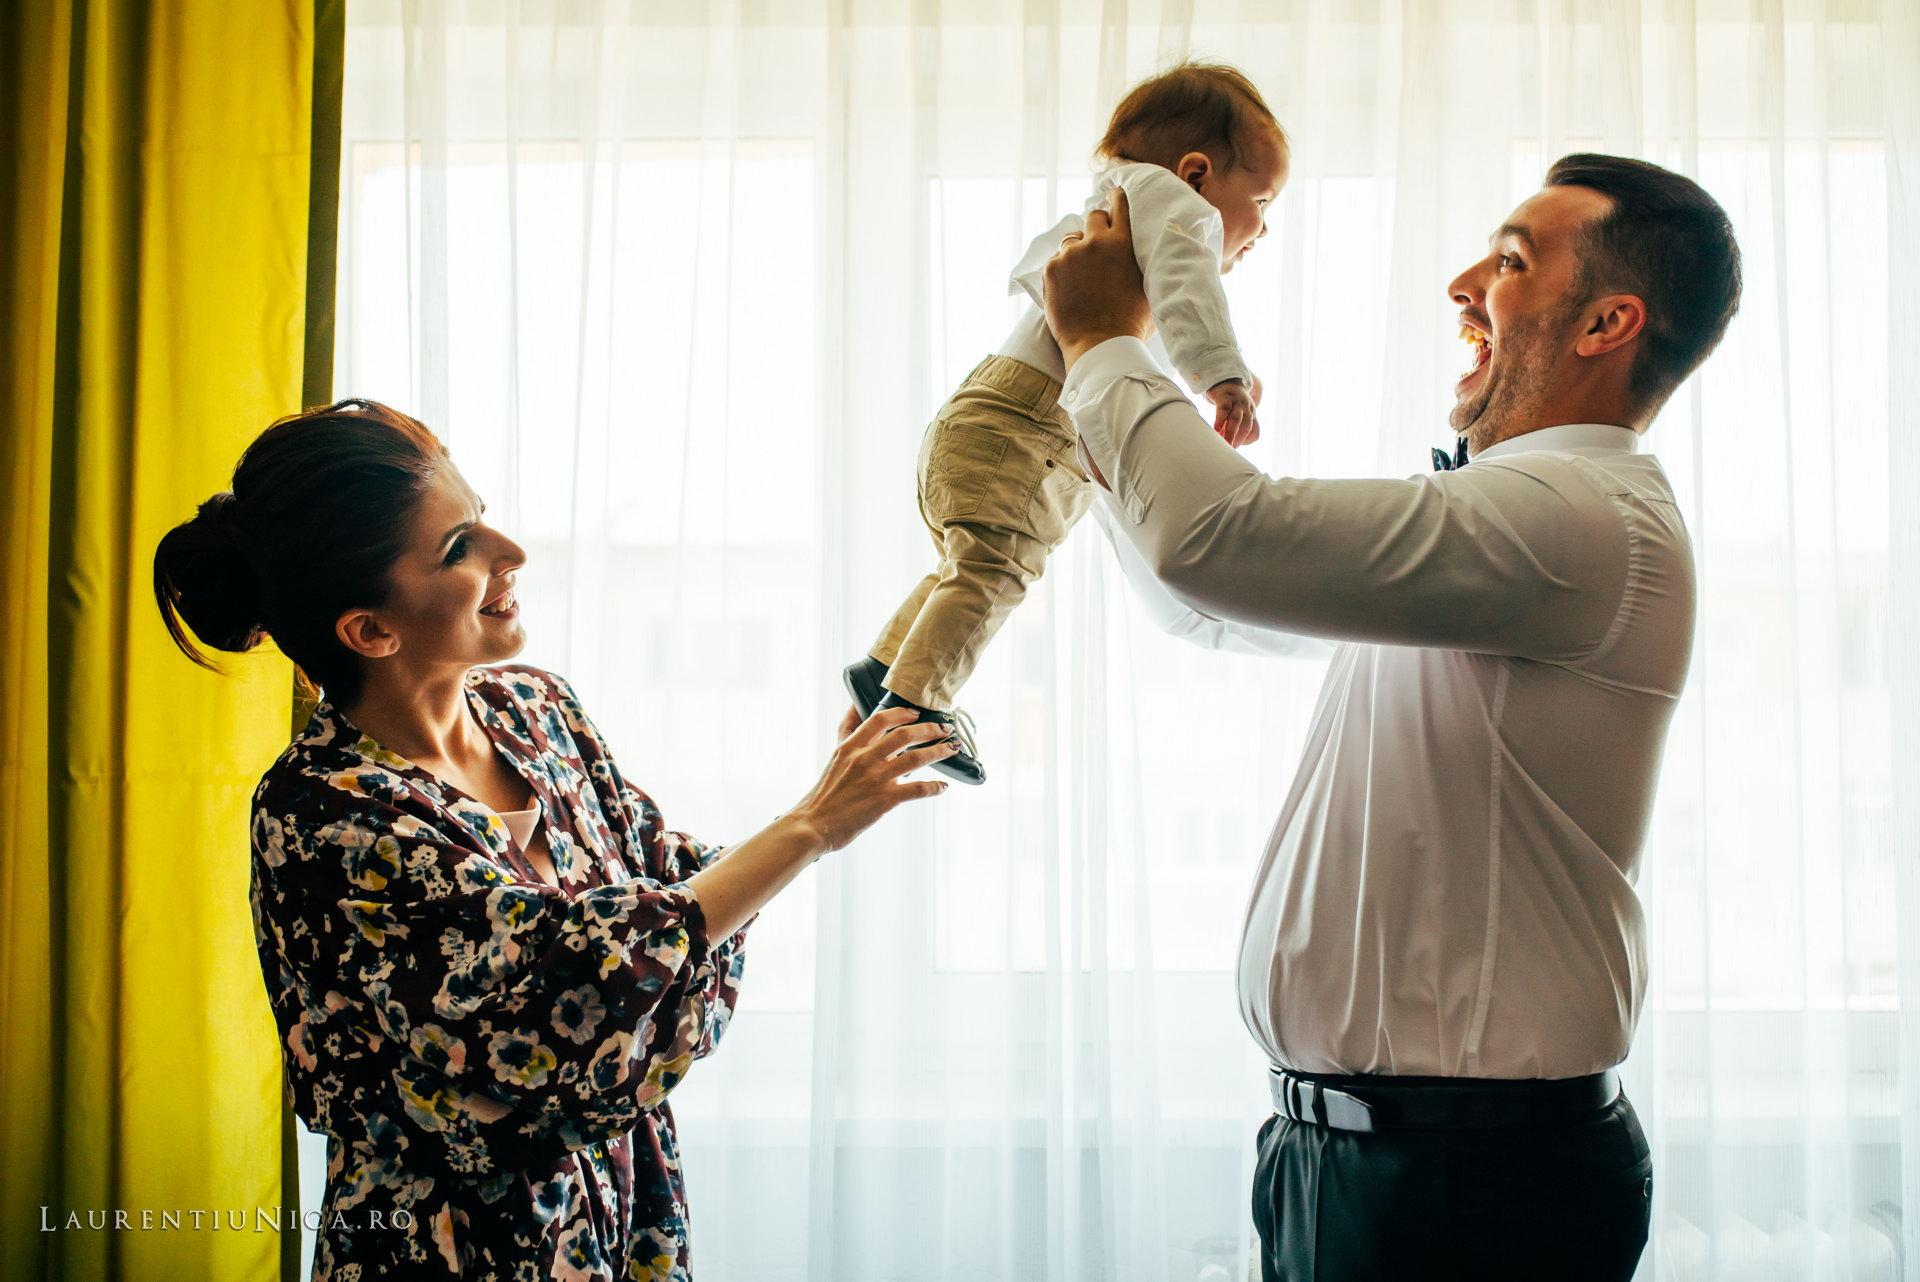 fotografii botez alexis aurelian foto laurentiu nica craiova 17 - Alexis Aurelian | Fotografii botez | Craiova